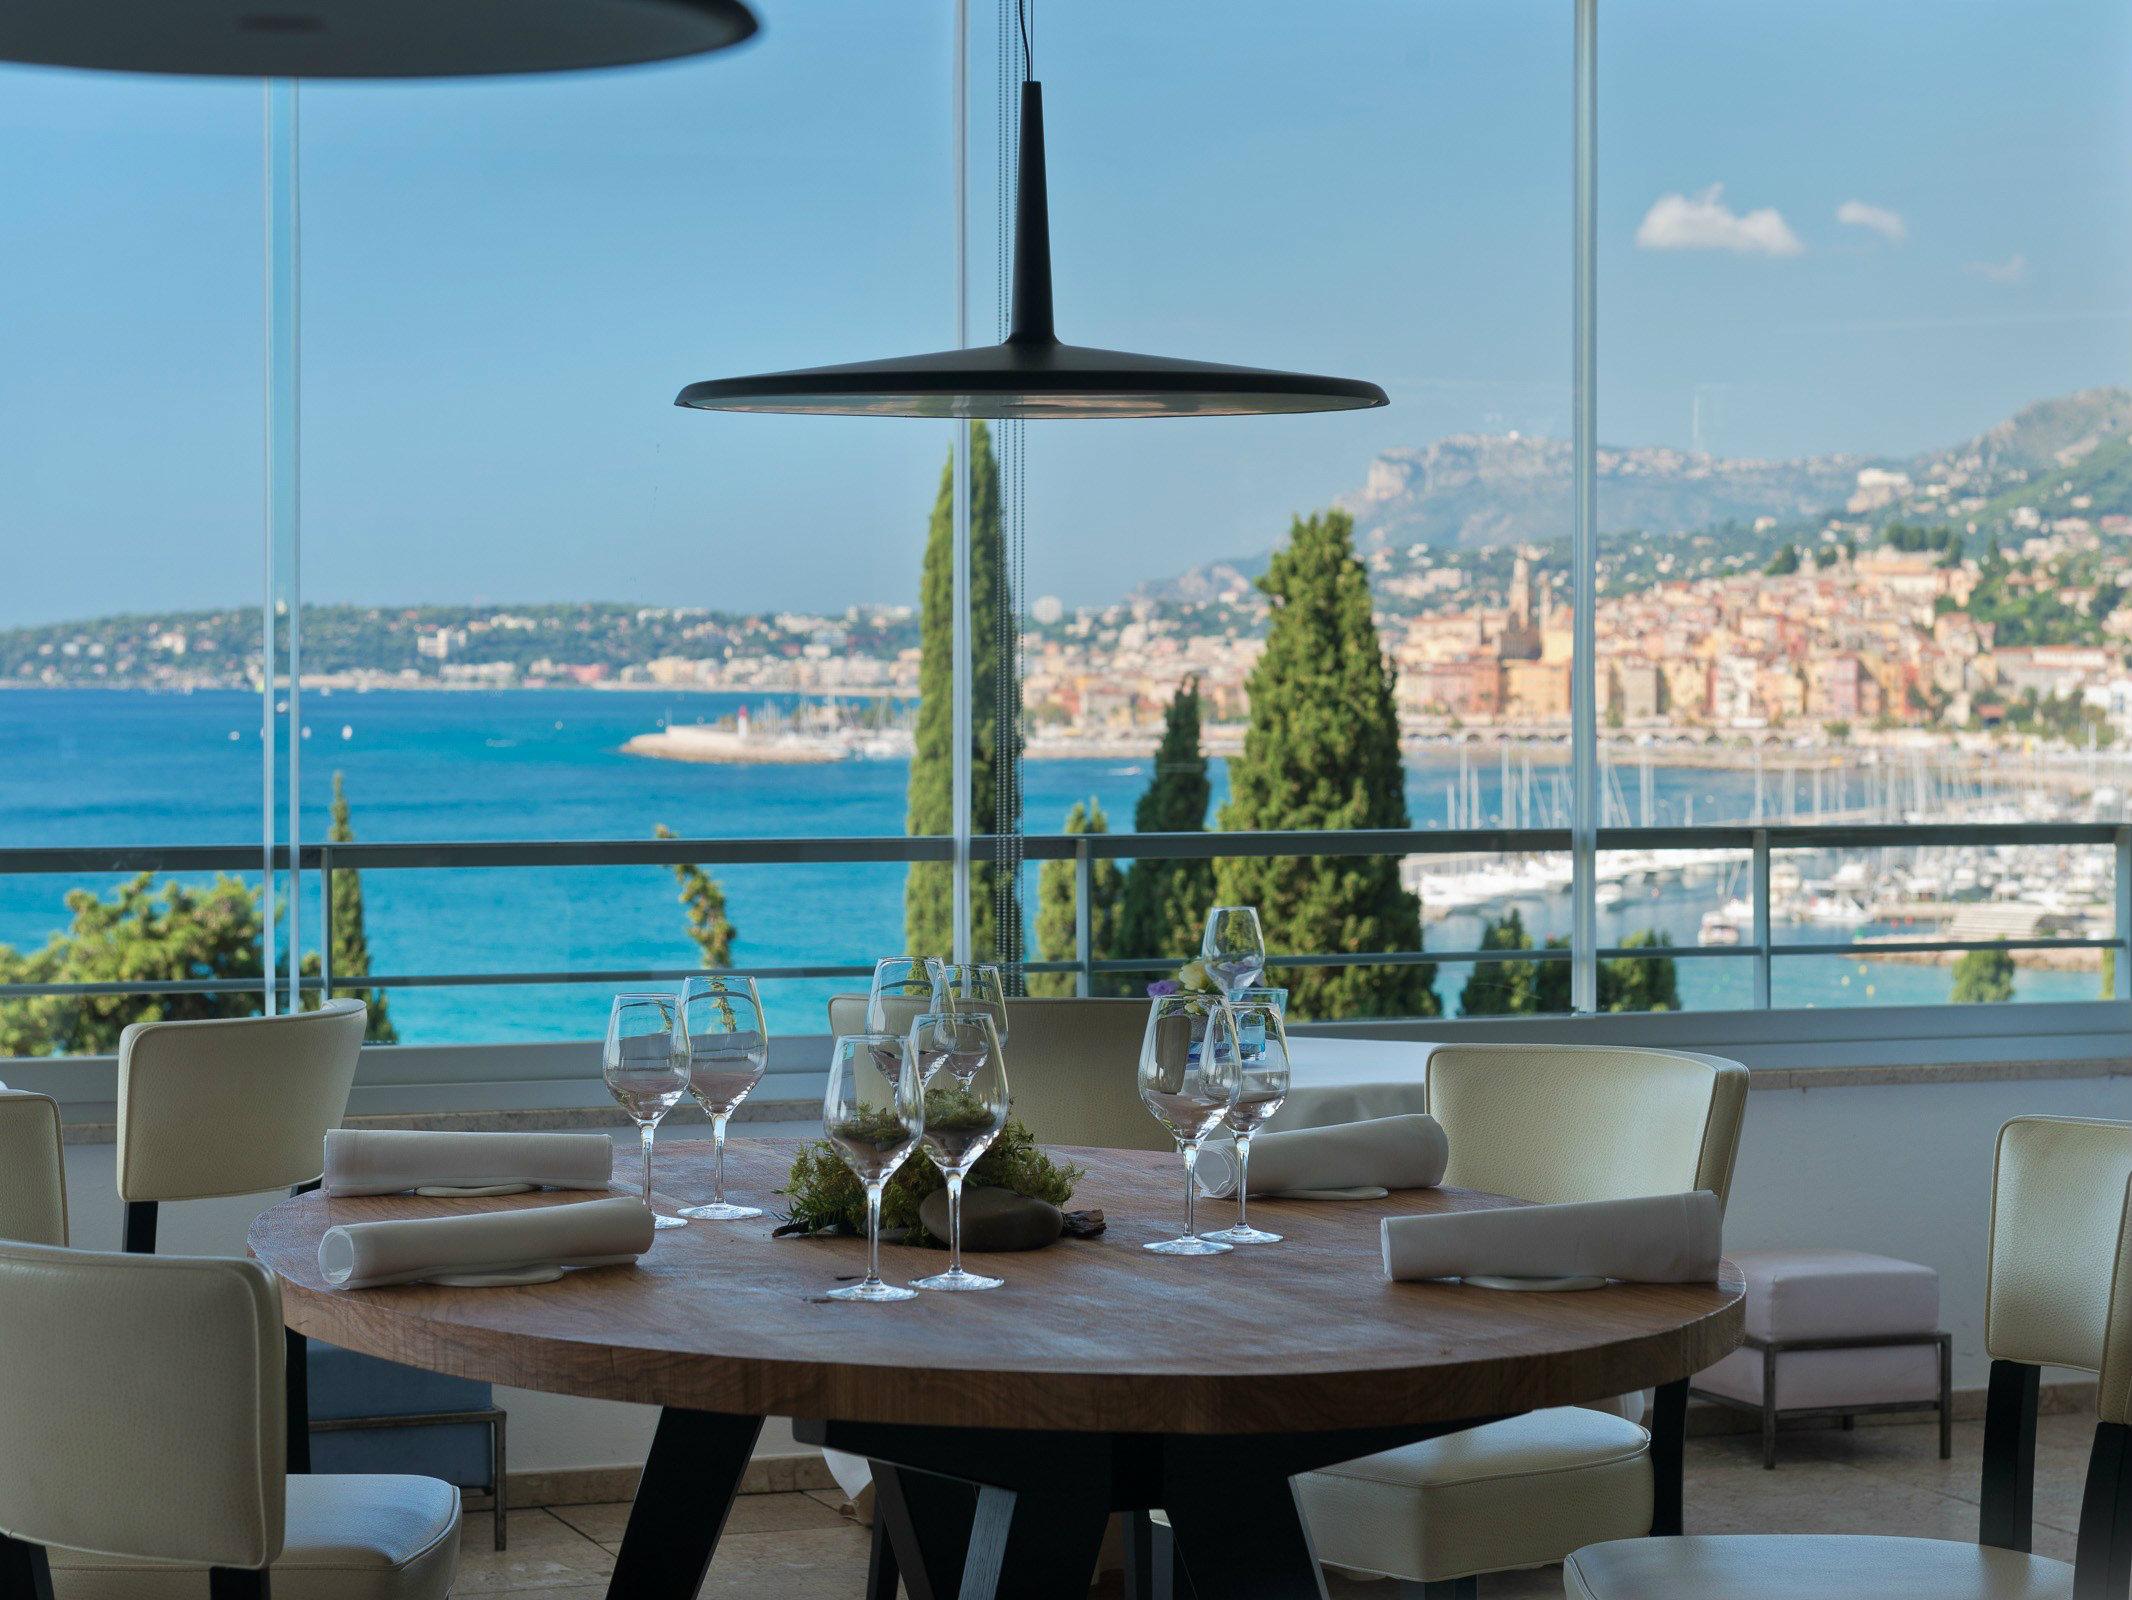 Mirazur modern restaurant design